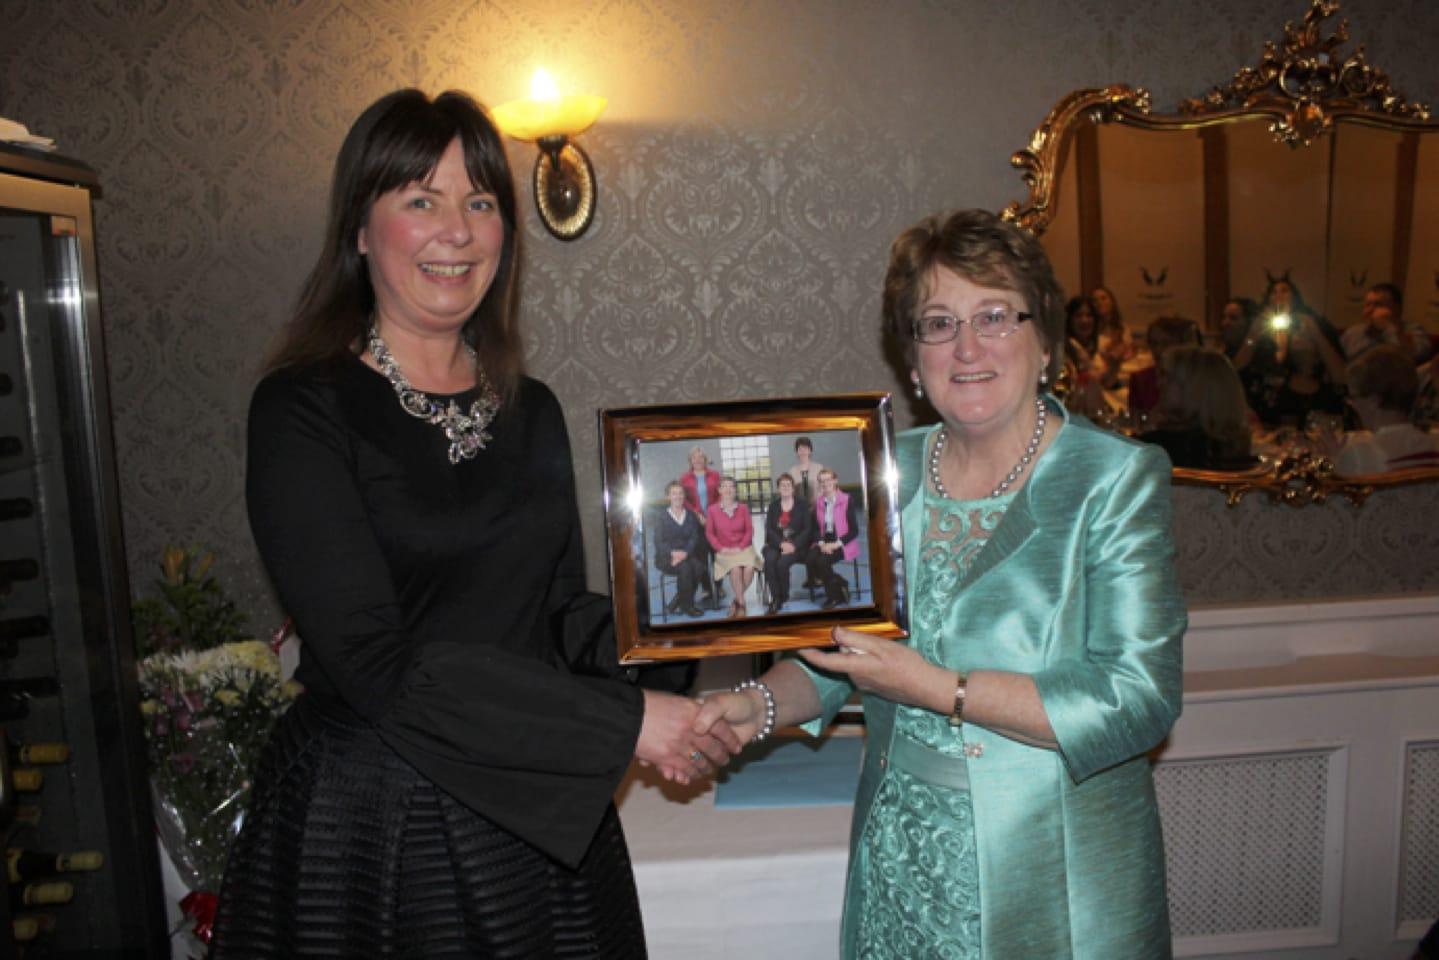 Feb 2017: Deputy Principal Liz Cregan presented Bernie Flynn with a staff photo